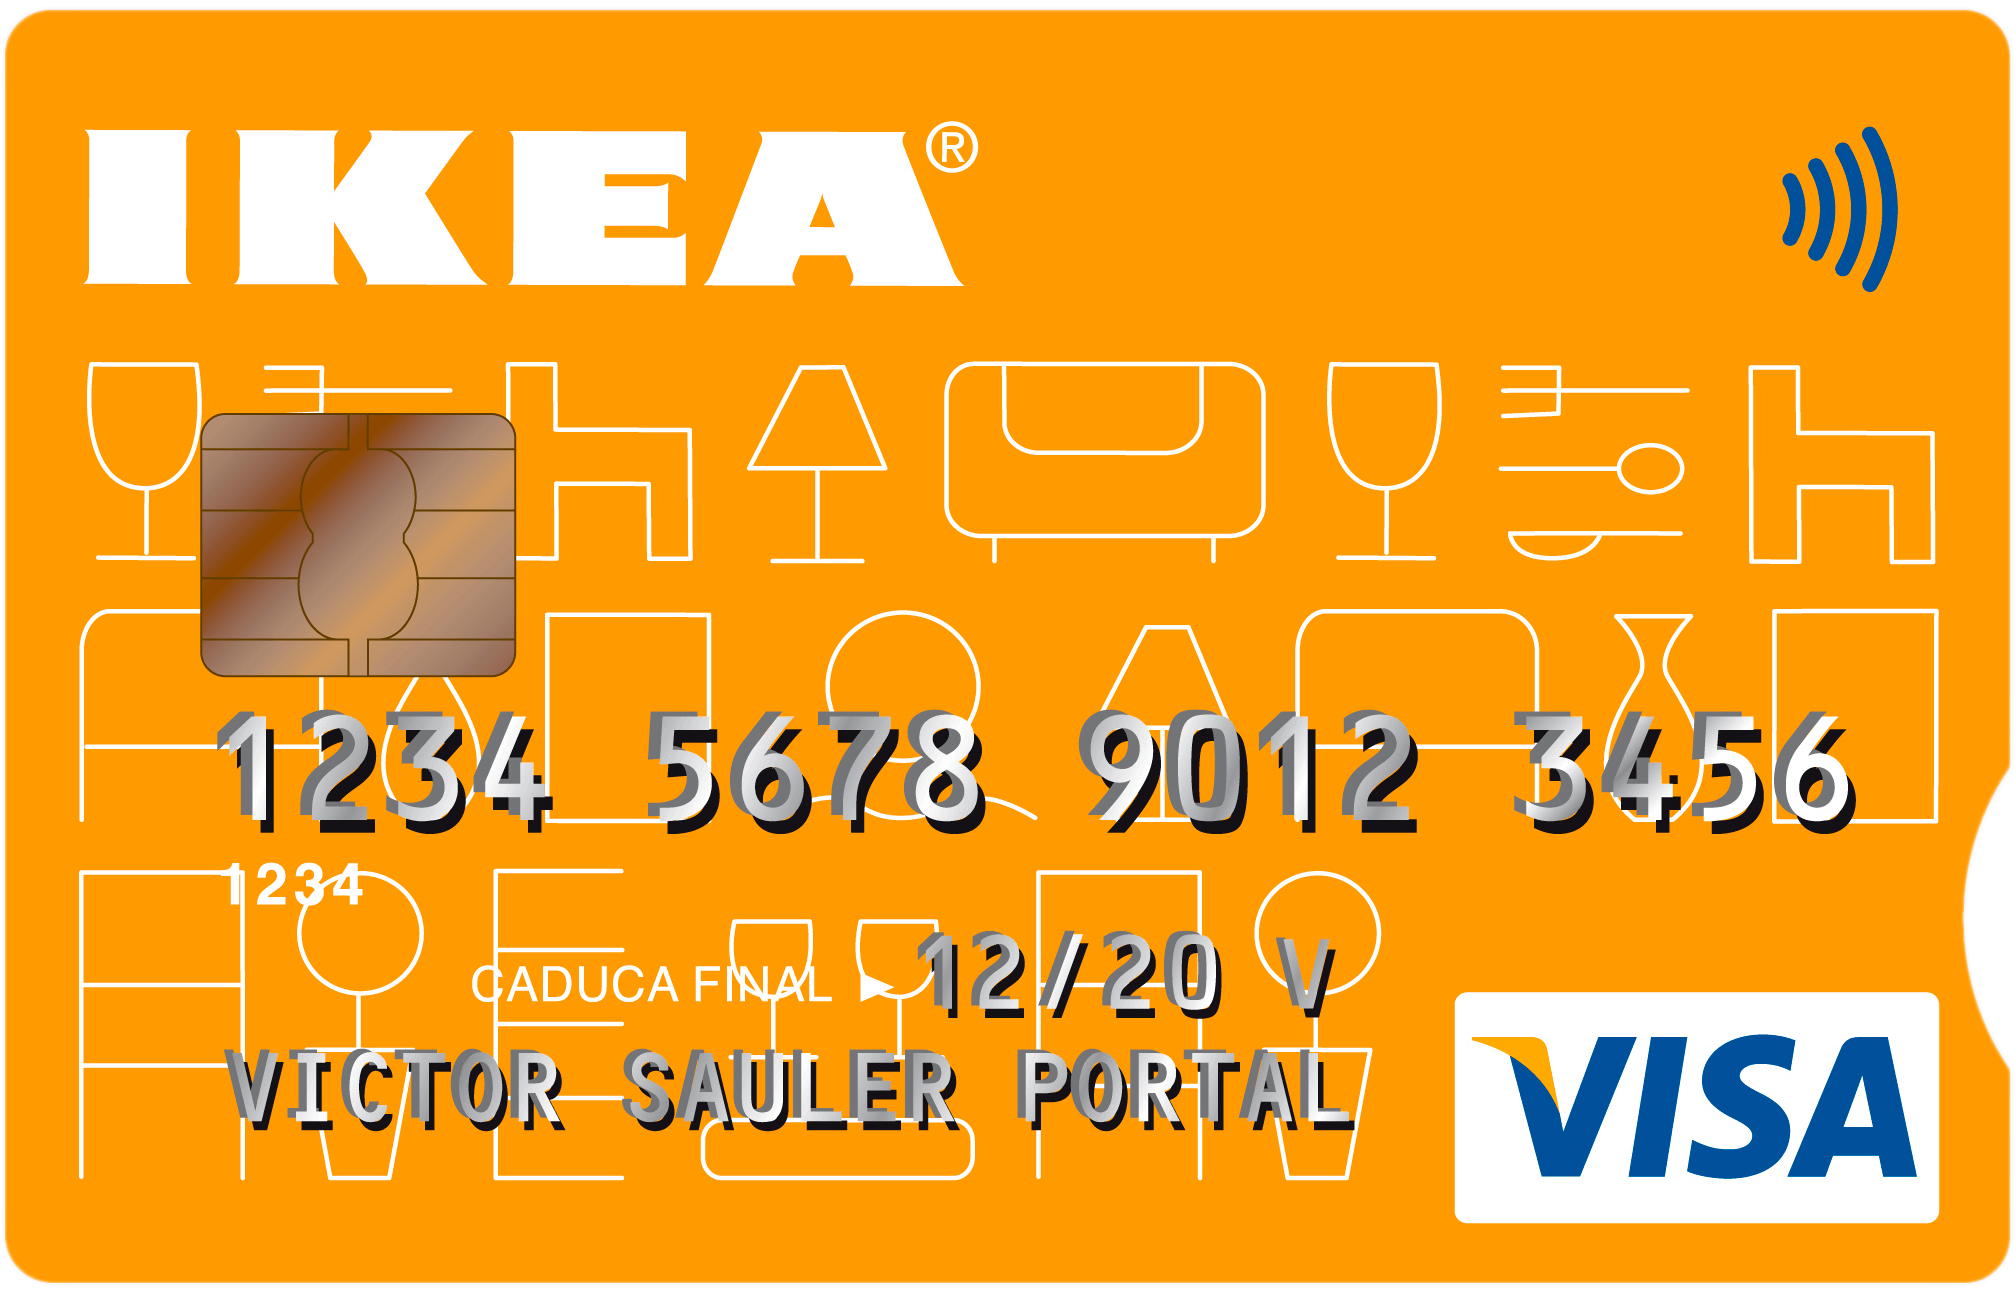 descuento con tarjeta de credito de ikea